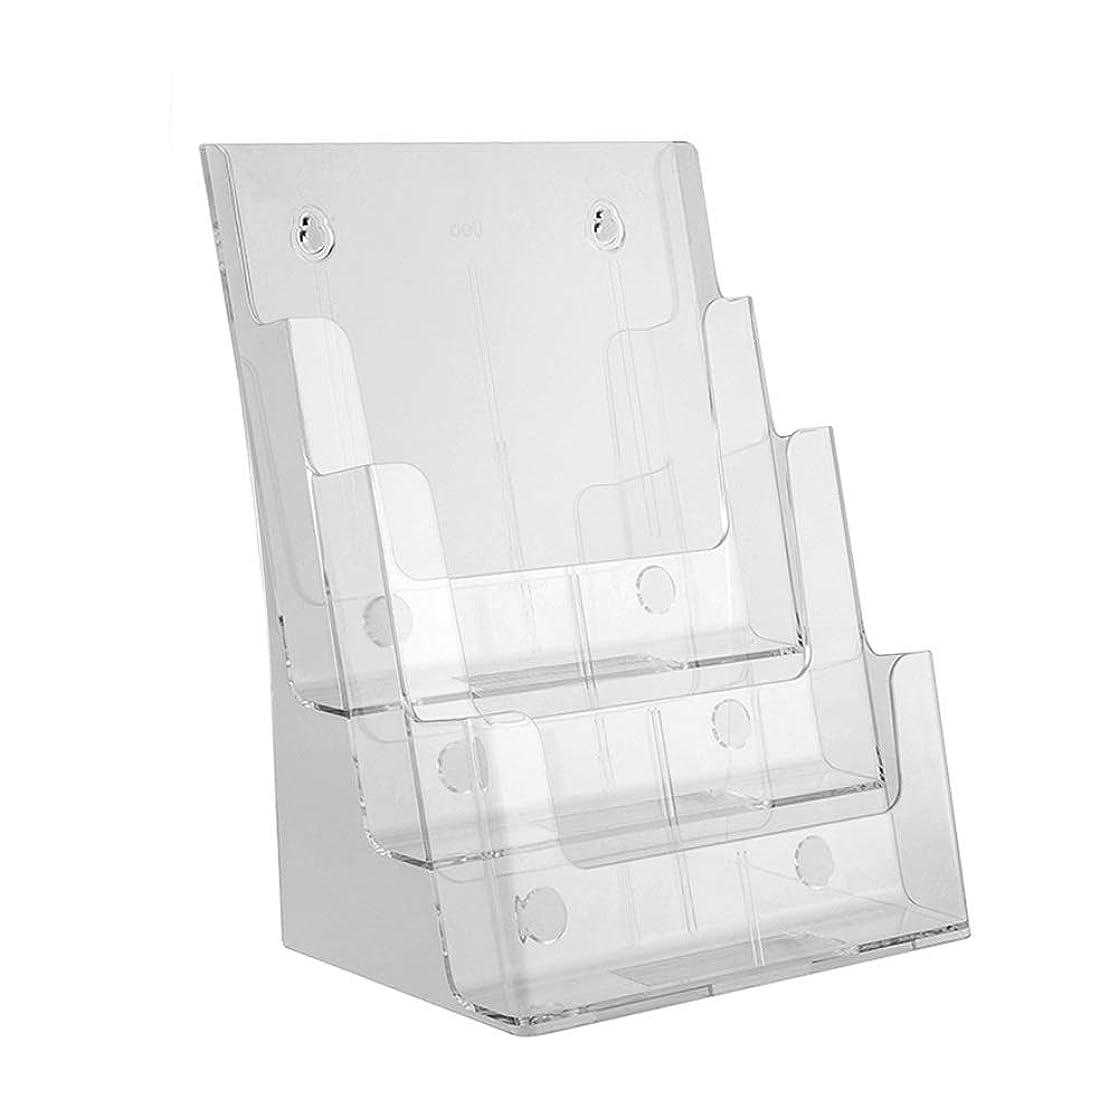 破滅的な損傷ストロークアクリルディスプレイスタンドA4ぶら下げスタンディングファイル収納ラック3層透明パンフレットホルダーデスクトップマガジンラック(L×W×H)23×16×32 CM ##